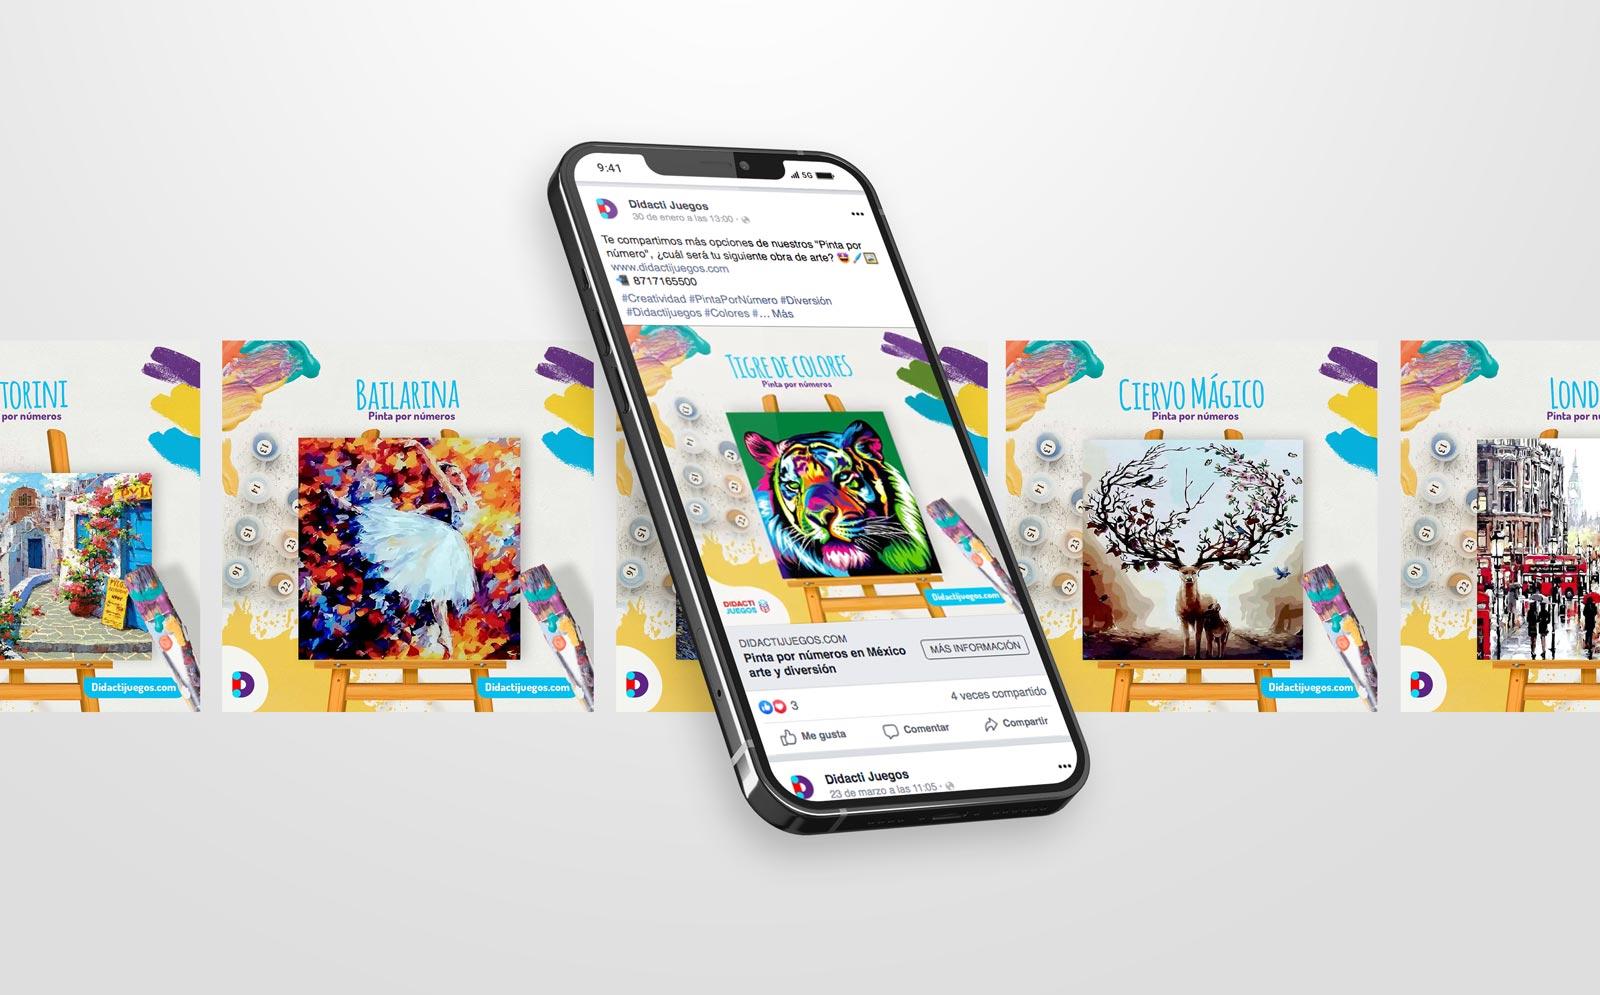 mambo-agencia-creativa-didacti-juegos-social-media-mockup-6